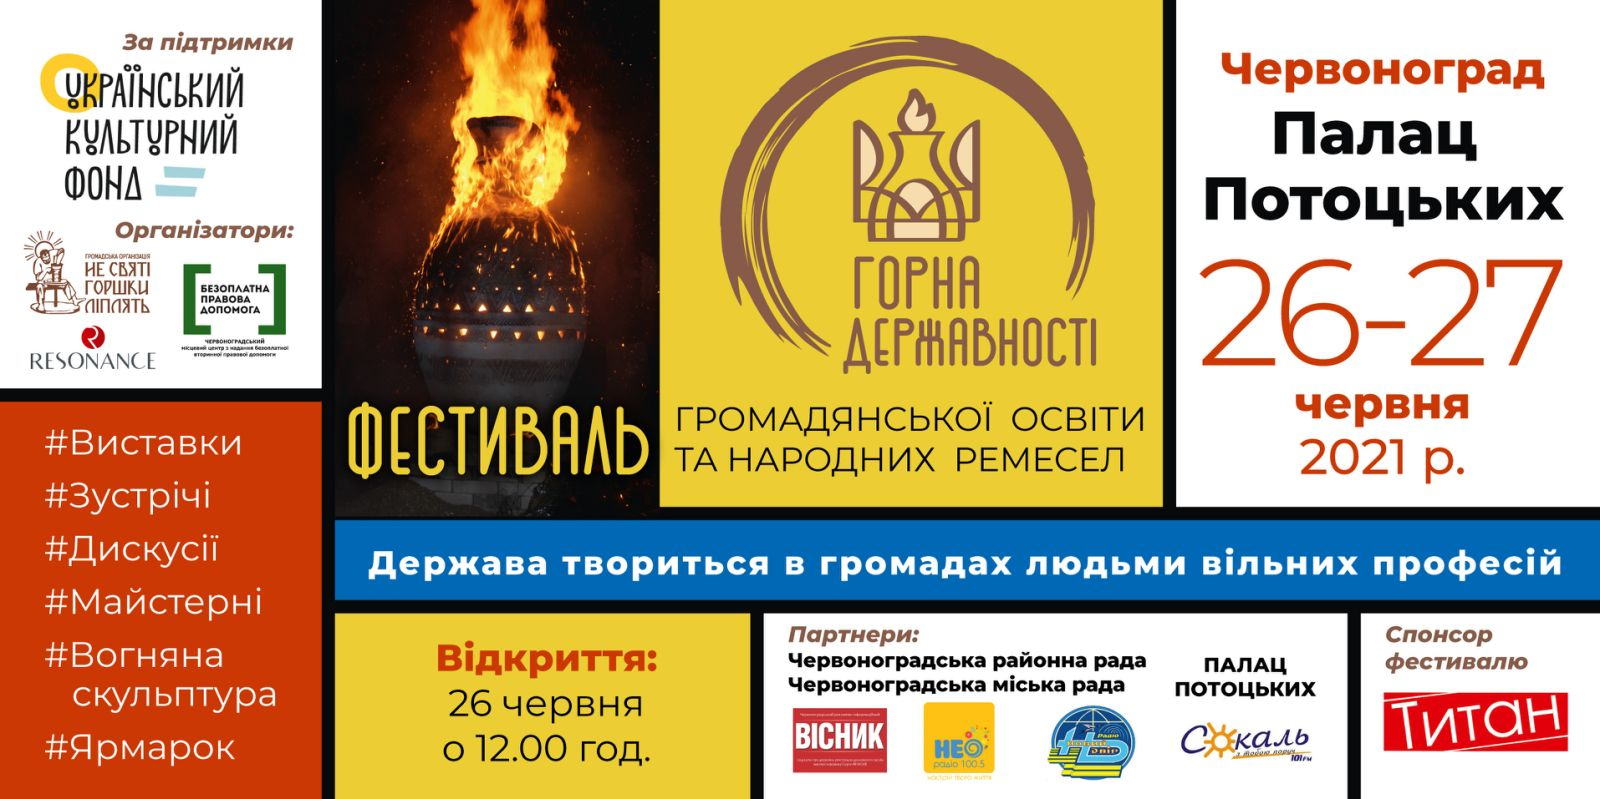 """26-27 червня в Червонограді пройде фестиваль """"Горна державності"""""""